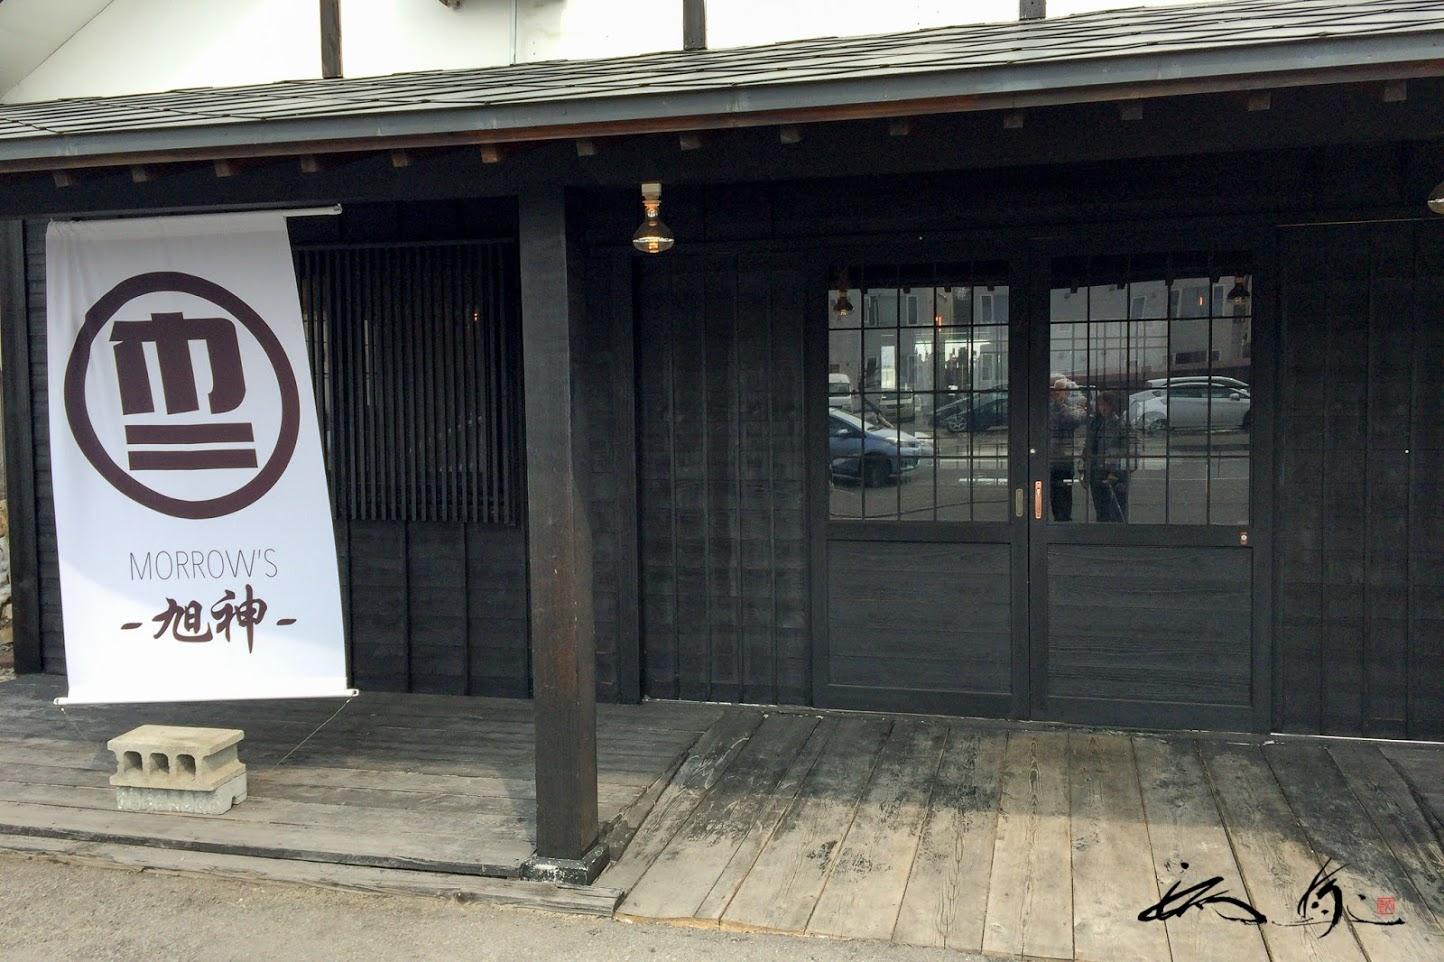 MORROW'S 旭神店・モローズ(旭川市)